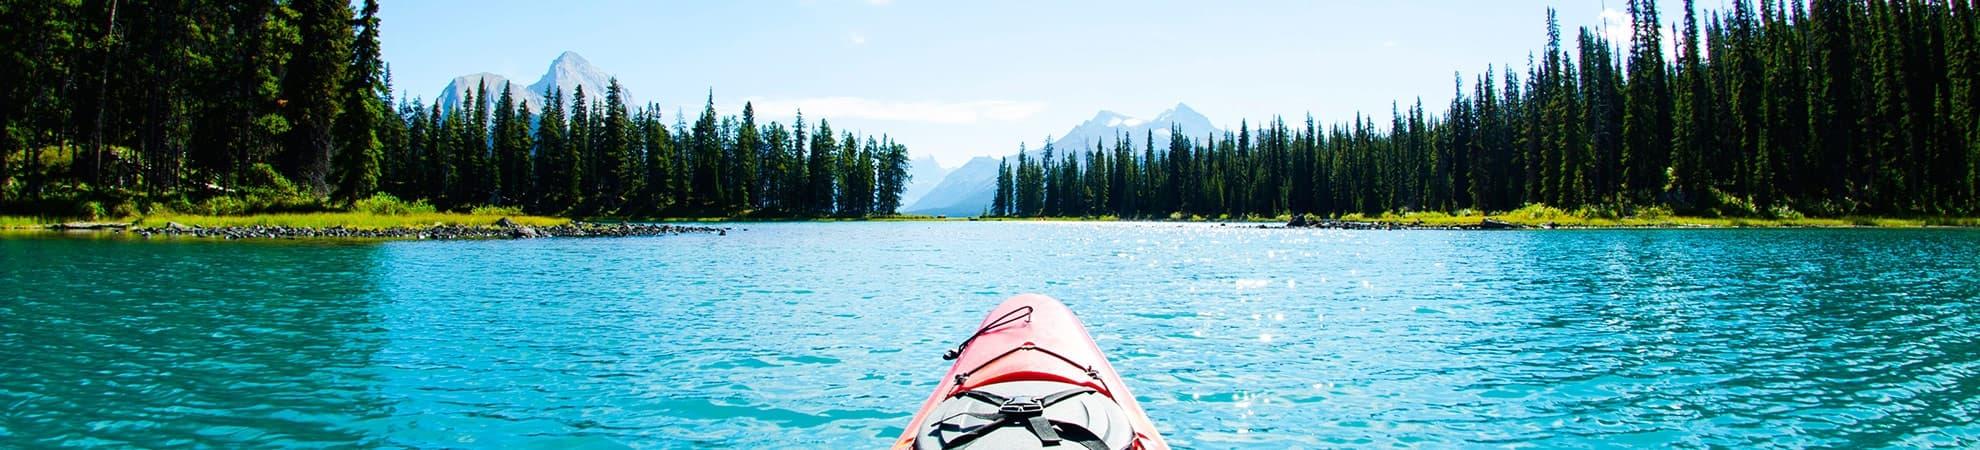 Voyage Lac Edouard